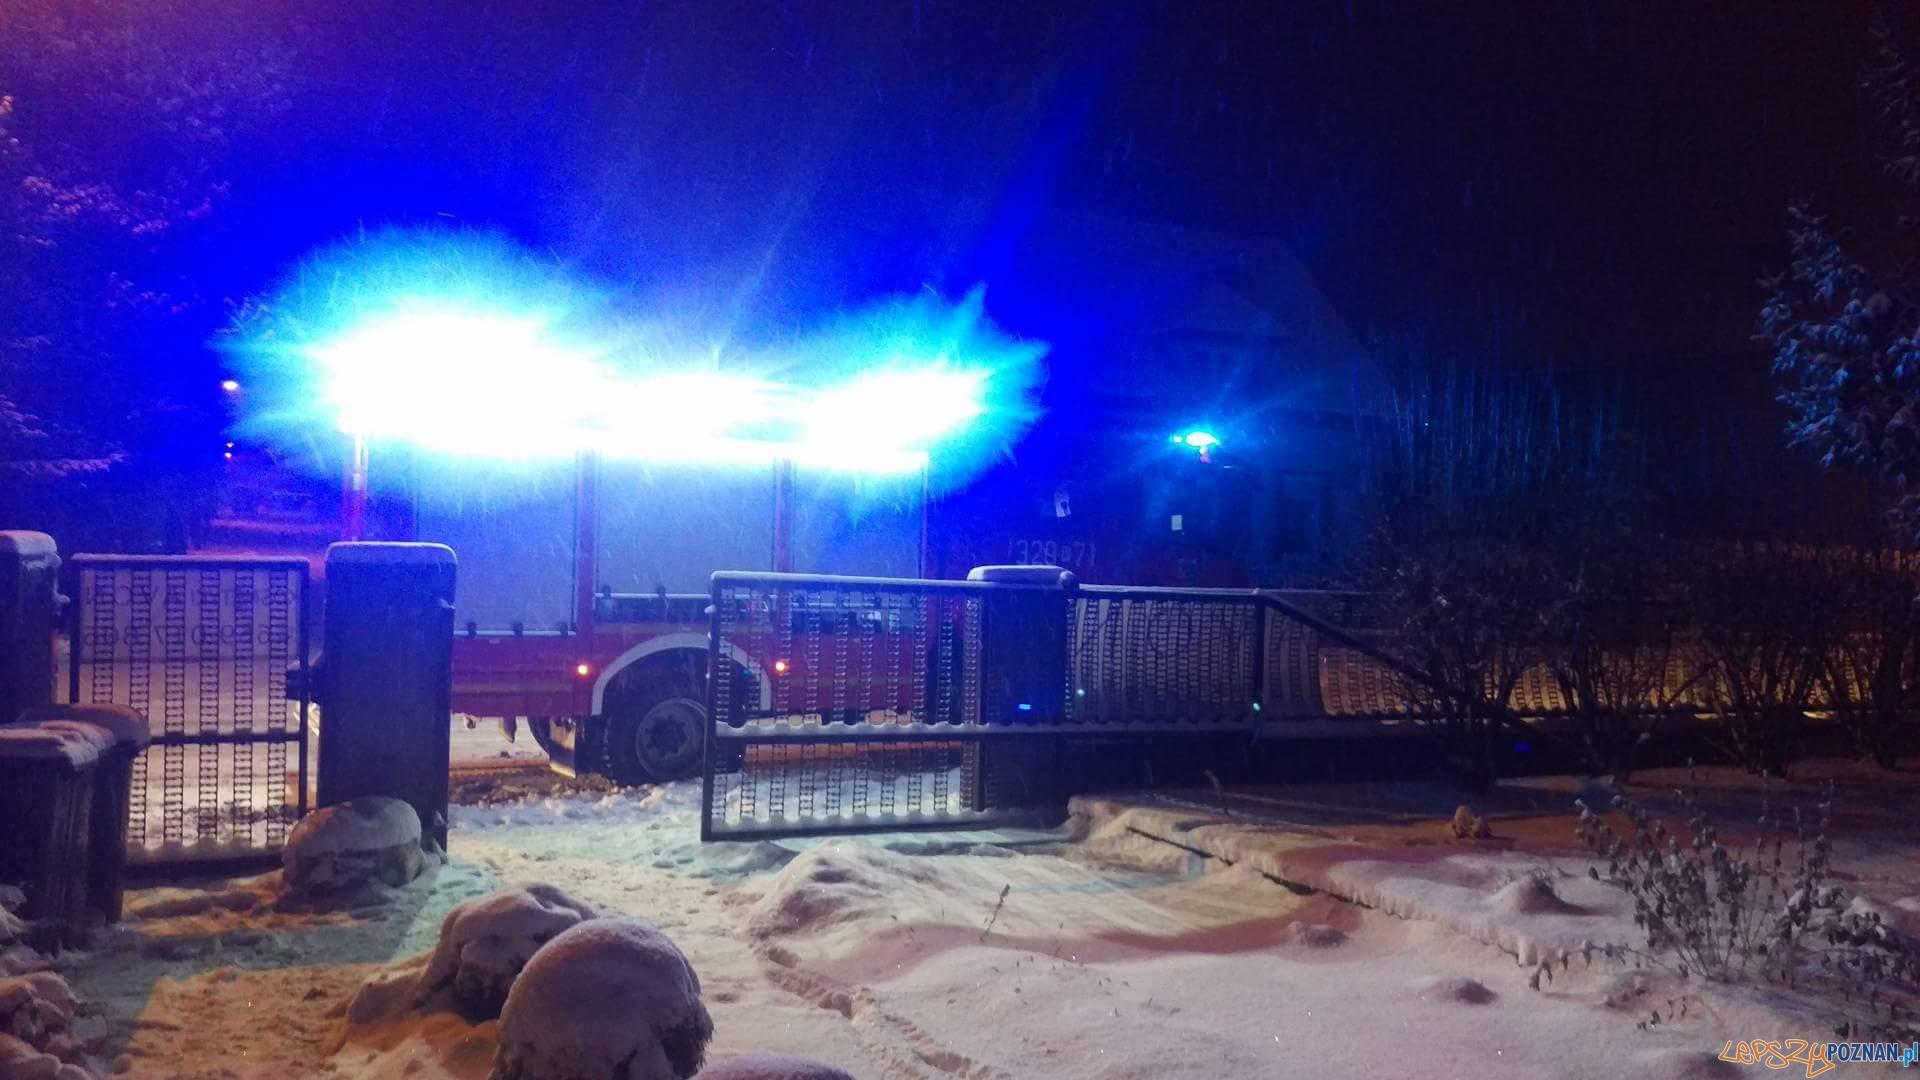 Zapaliła się sadza w kominie  Foto: Marek / OSPLuboń, Bartosz / Szkoła Aspirantów PSP w Poznaniu